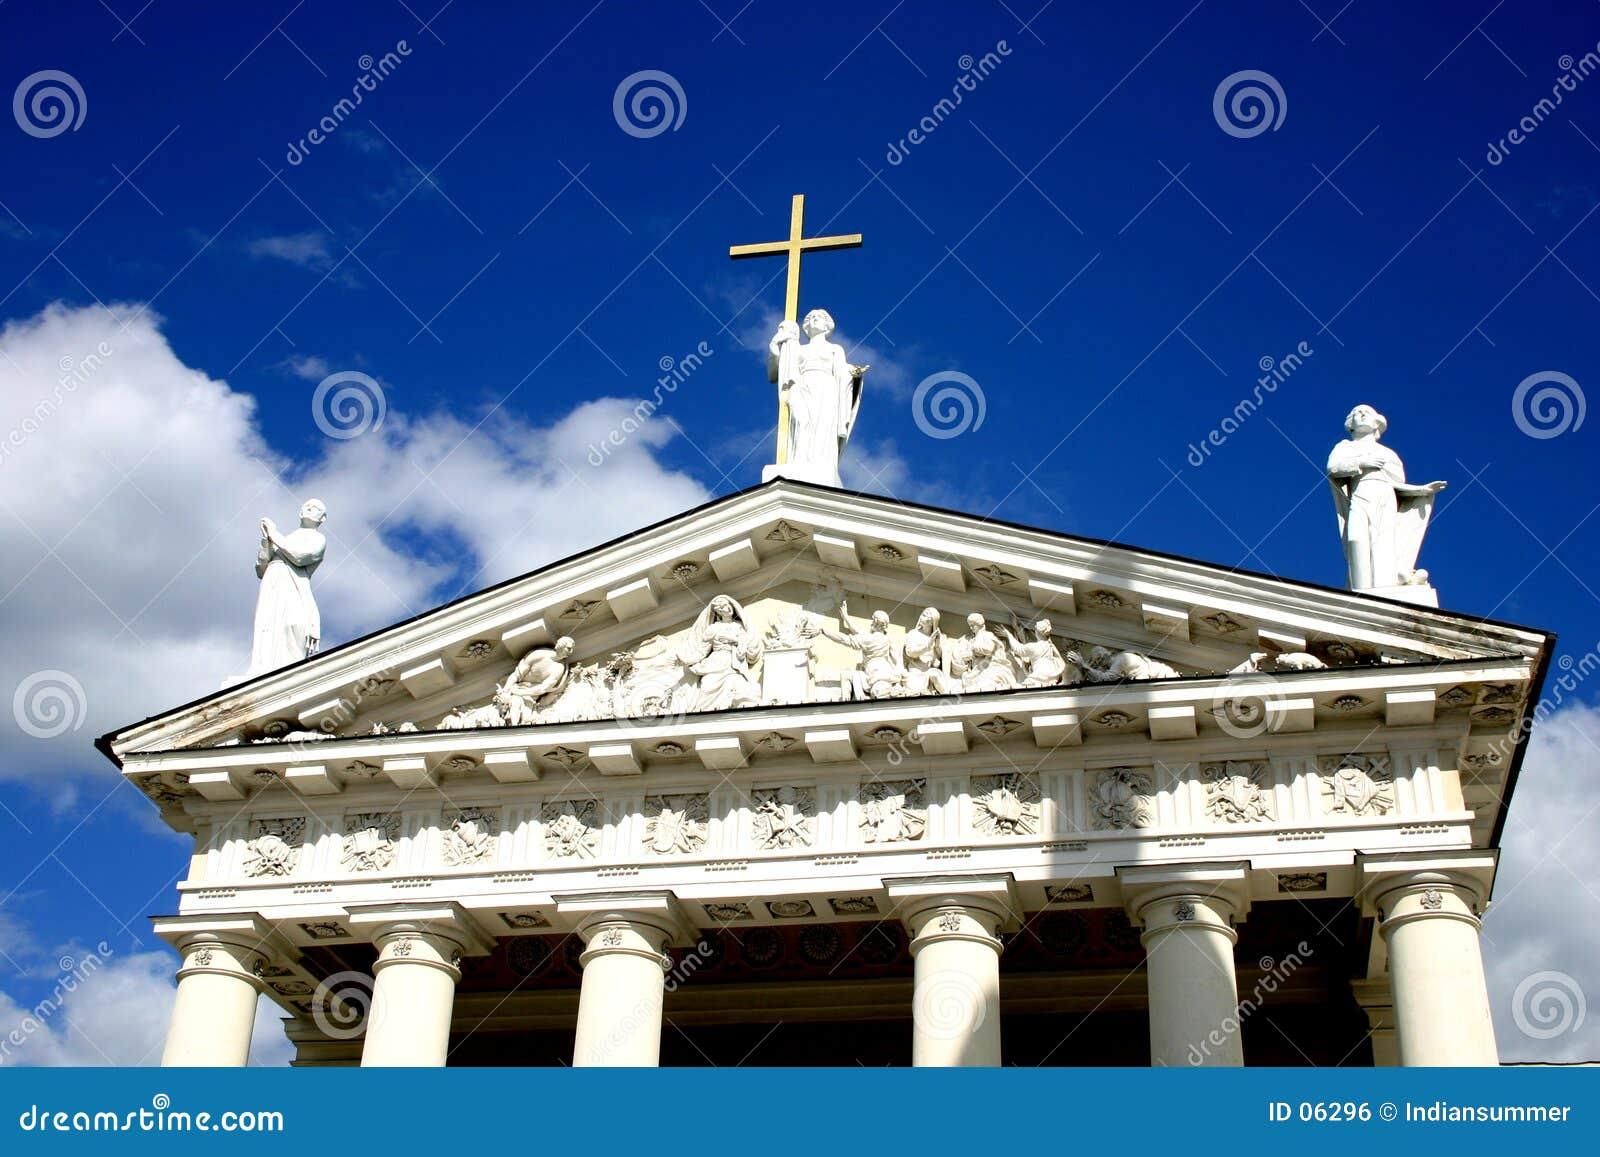 Statuen auf dem Kathedraledach